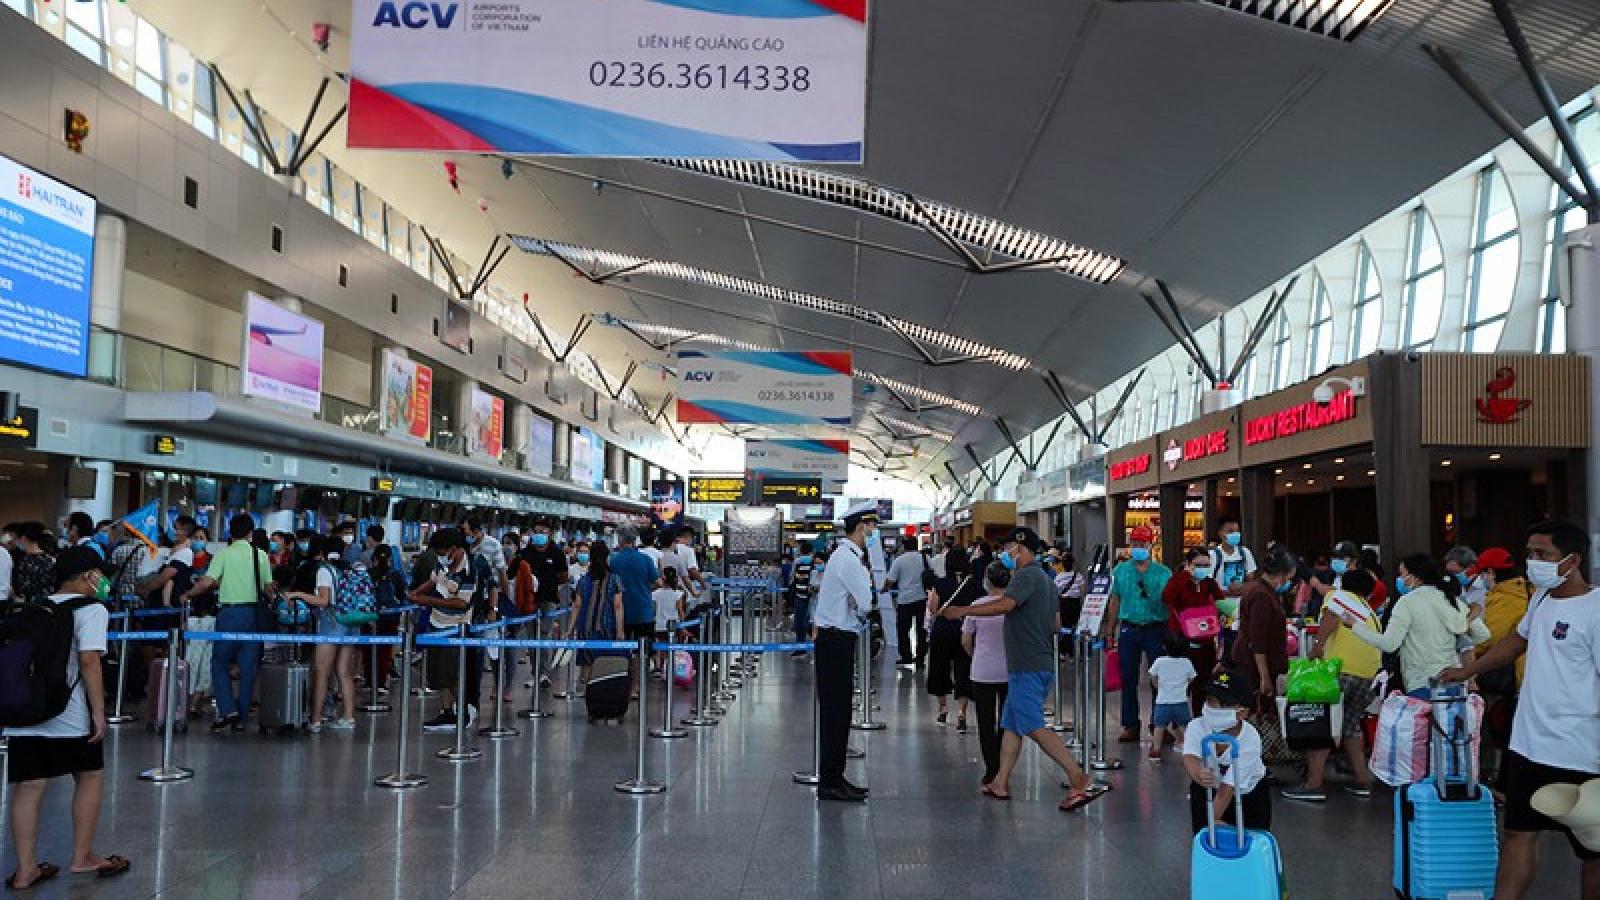 Sân bay Nội Bài, Tân Sơn Nhất lên phương án cách ly khách từ Đà Nẵng